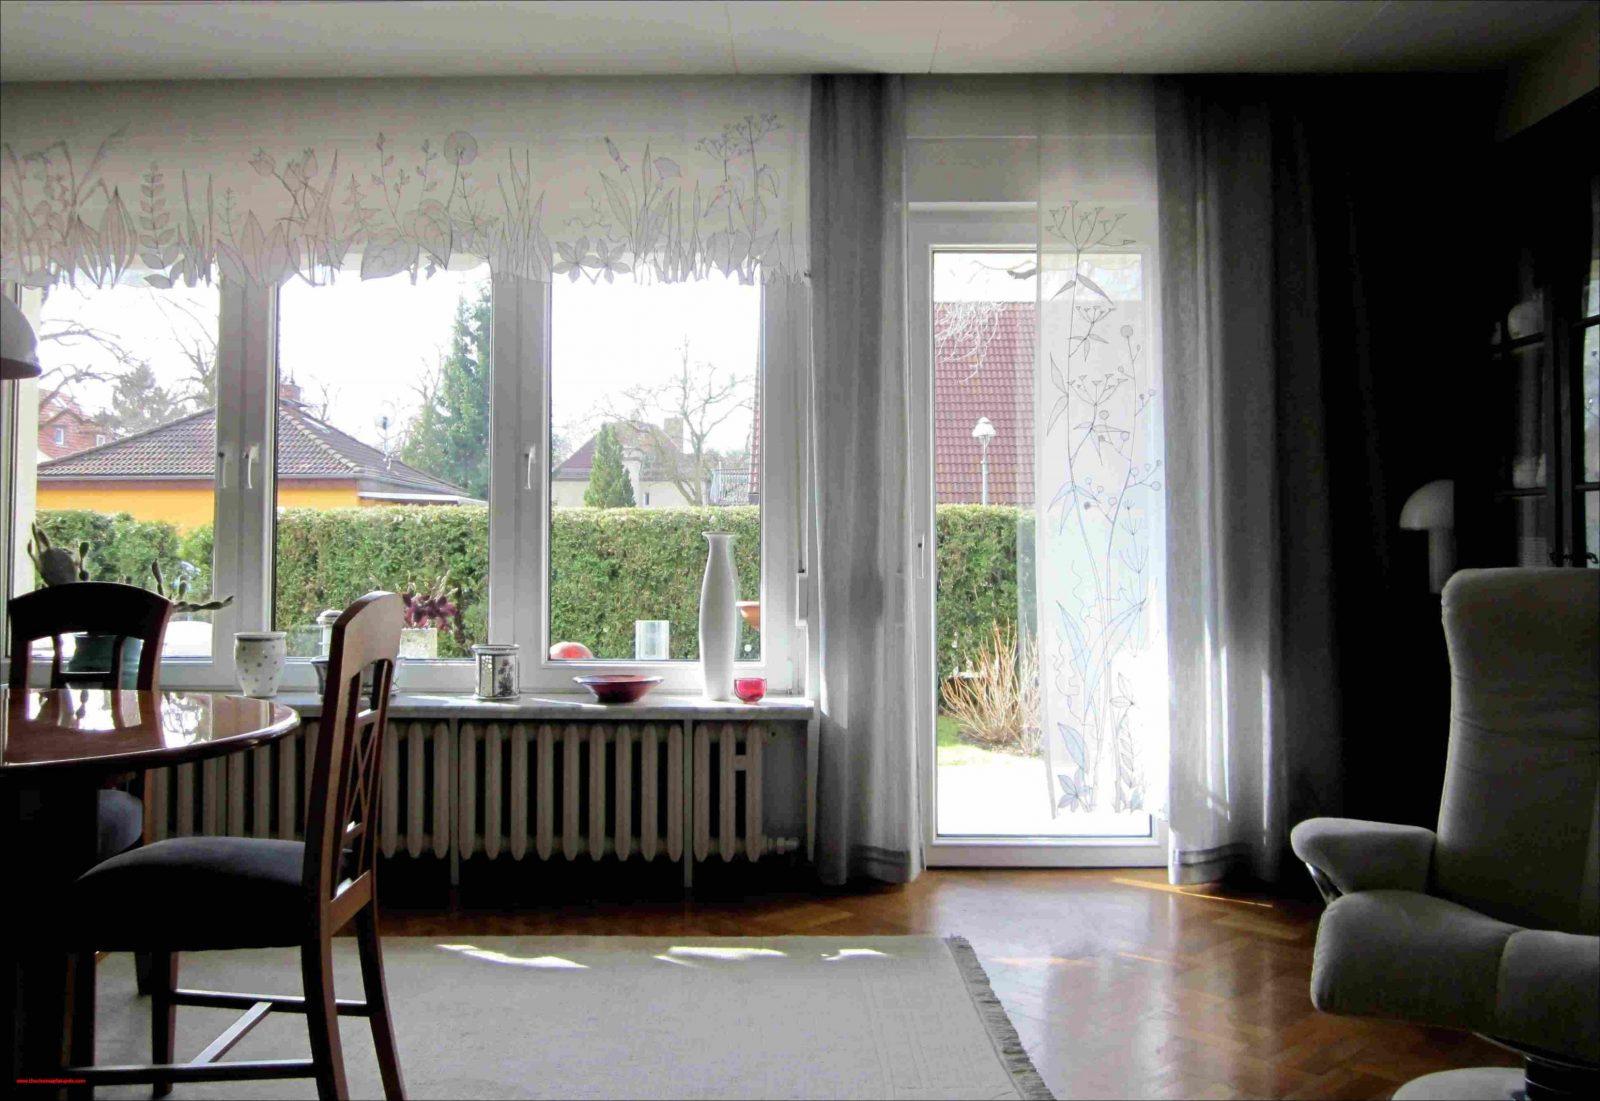 Fenster Gardinen Trends Für Designideen Terrassentür Mit Fenster von Gardinen Für Terrassentür Und Fenster Bild